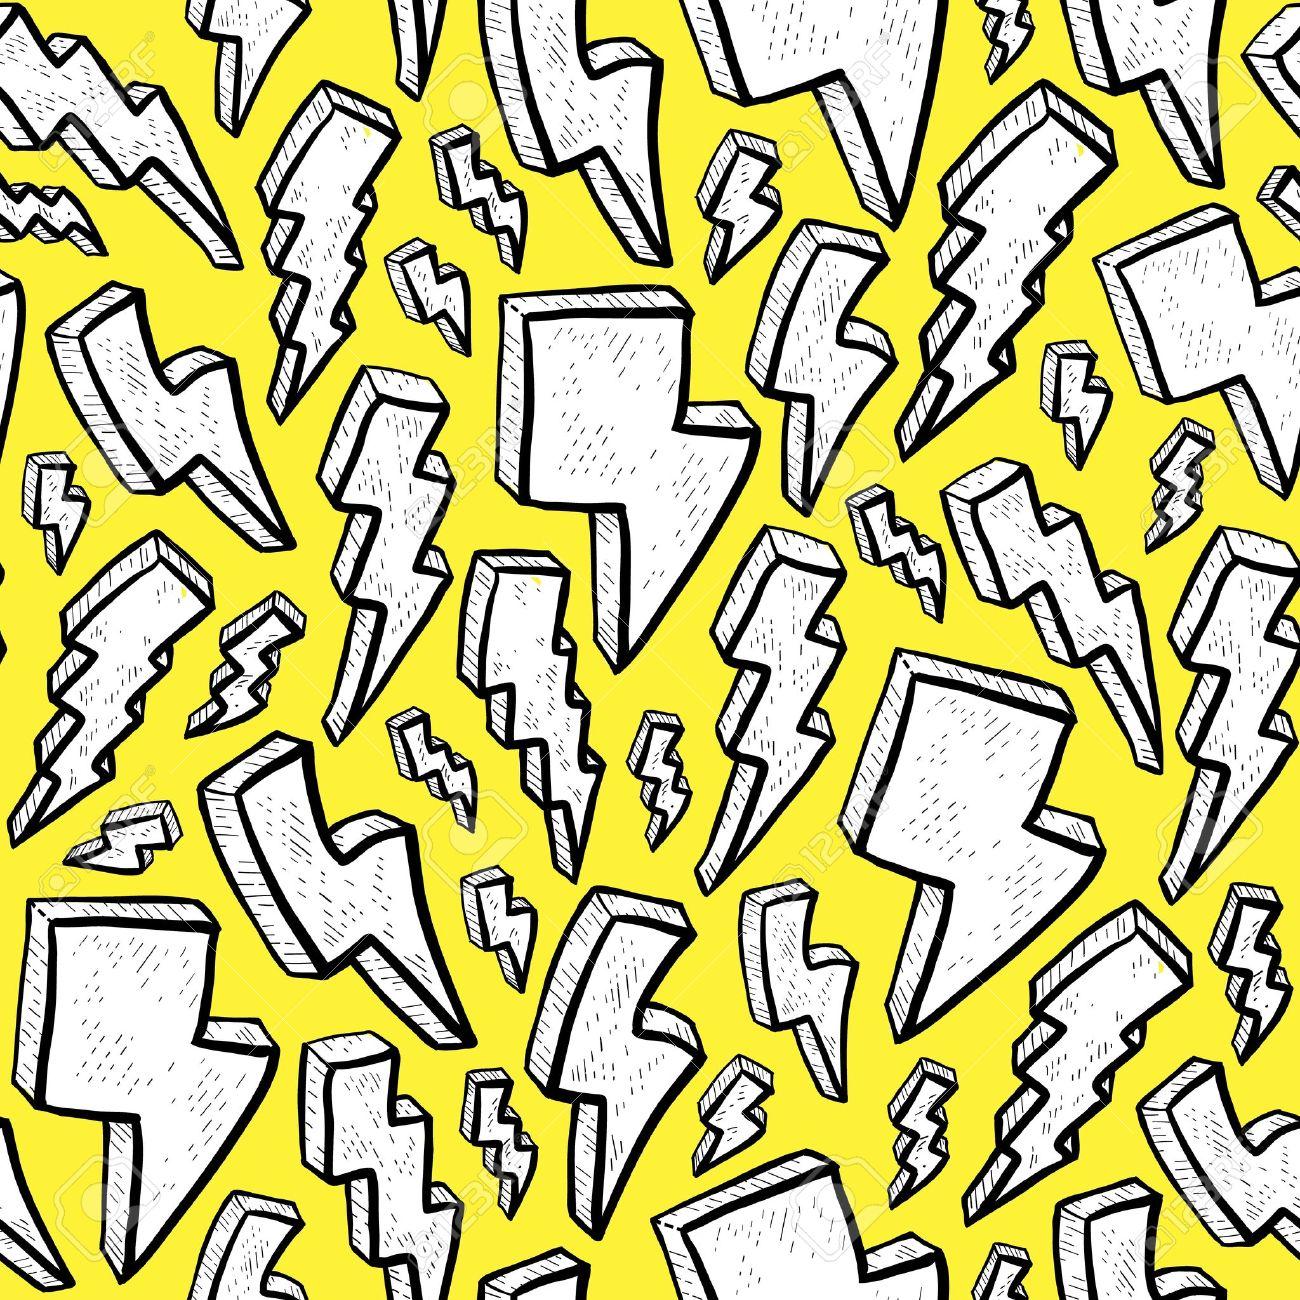 Nette Blitz Muster In Doodle Oder Zeichenstil Diese Cartoons.